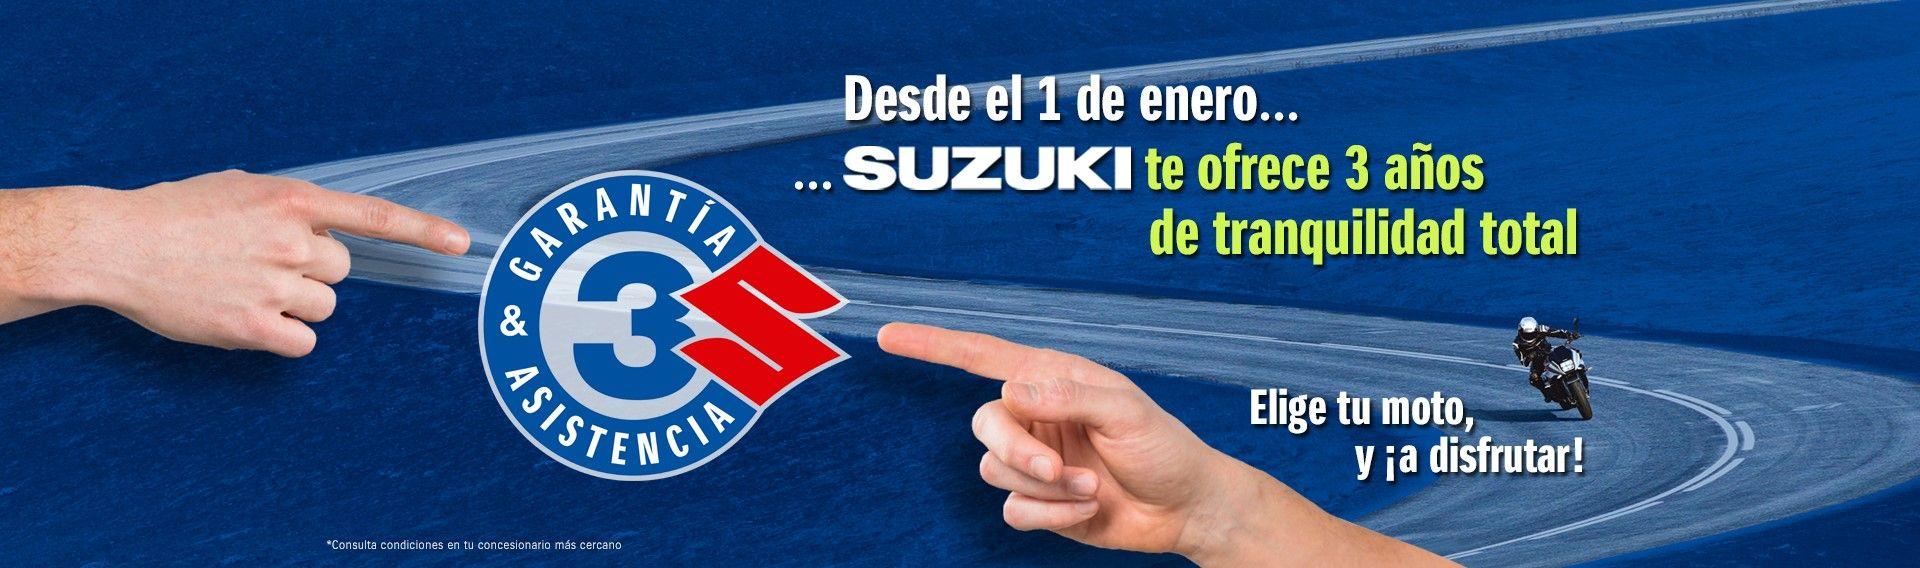 Suzuki te ofrece 3 años de tranquilidad total